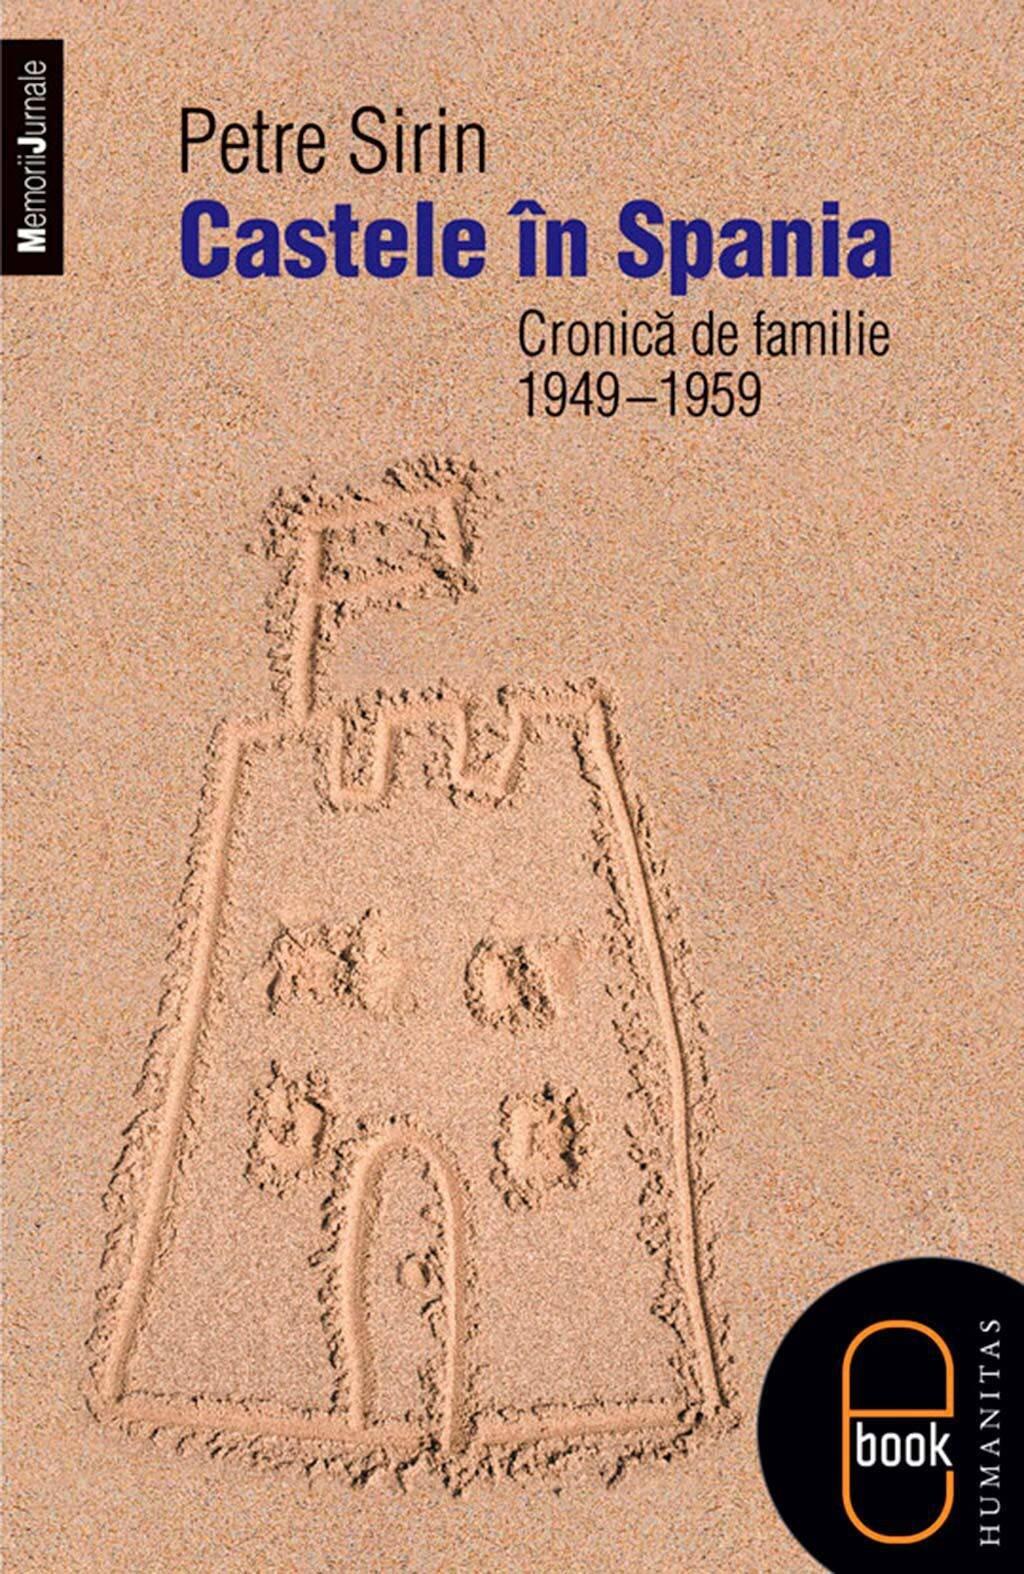 Castele in Spania. Cronica de familie (1949-1959) (eBook)